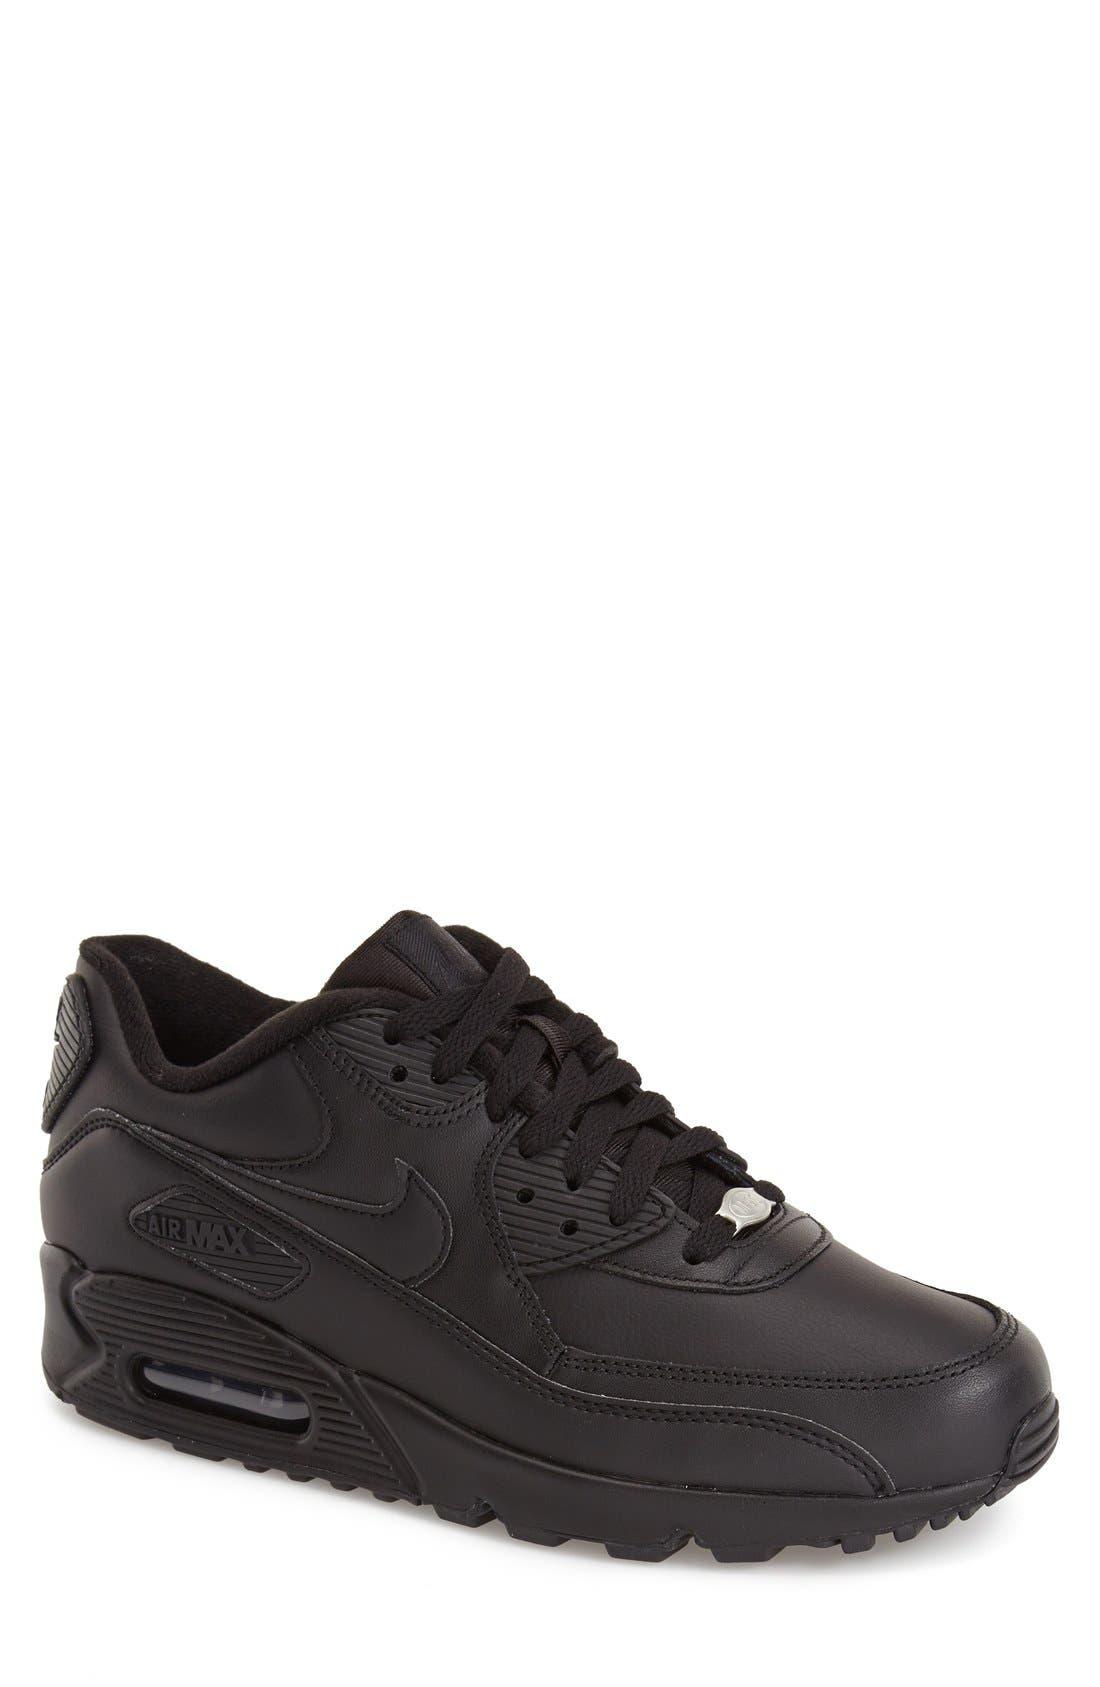 Main Image - Nike 'Air Max 90' Leather Sneaker (Men)